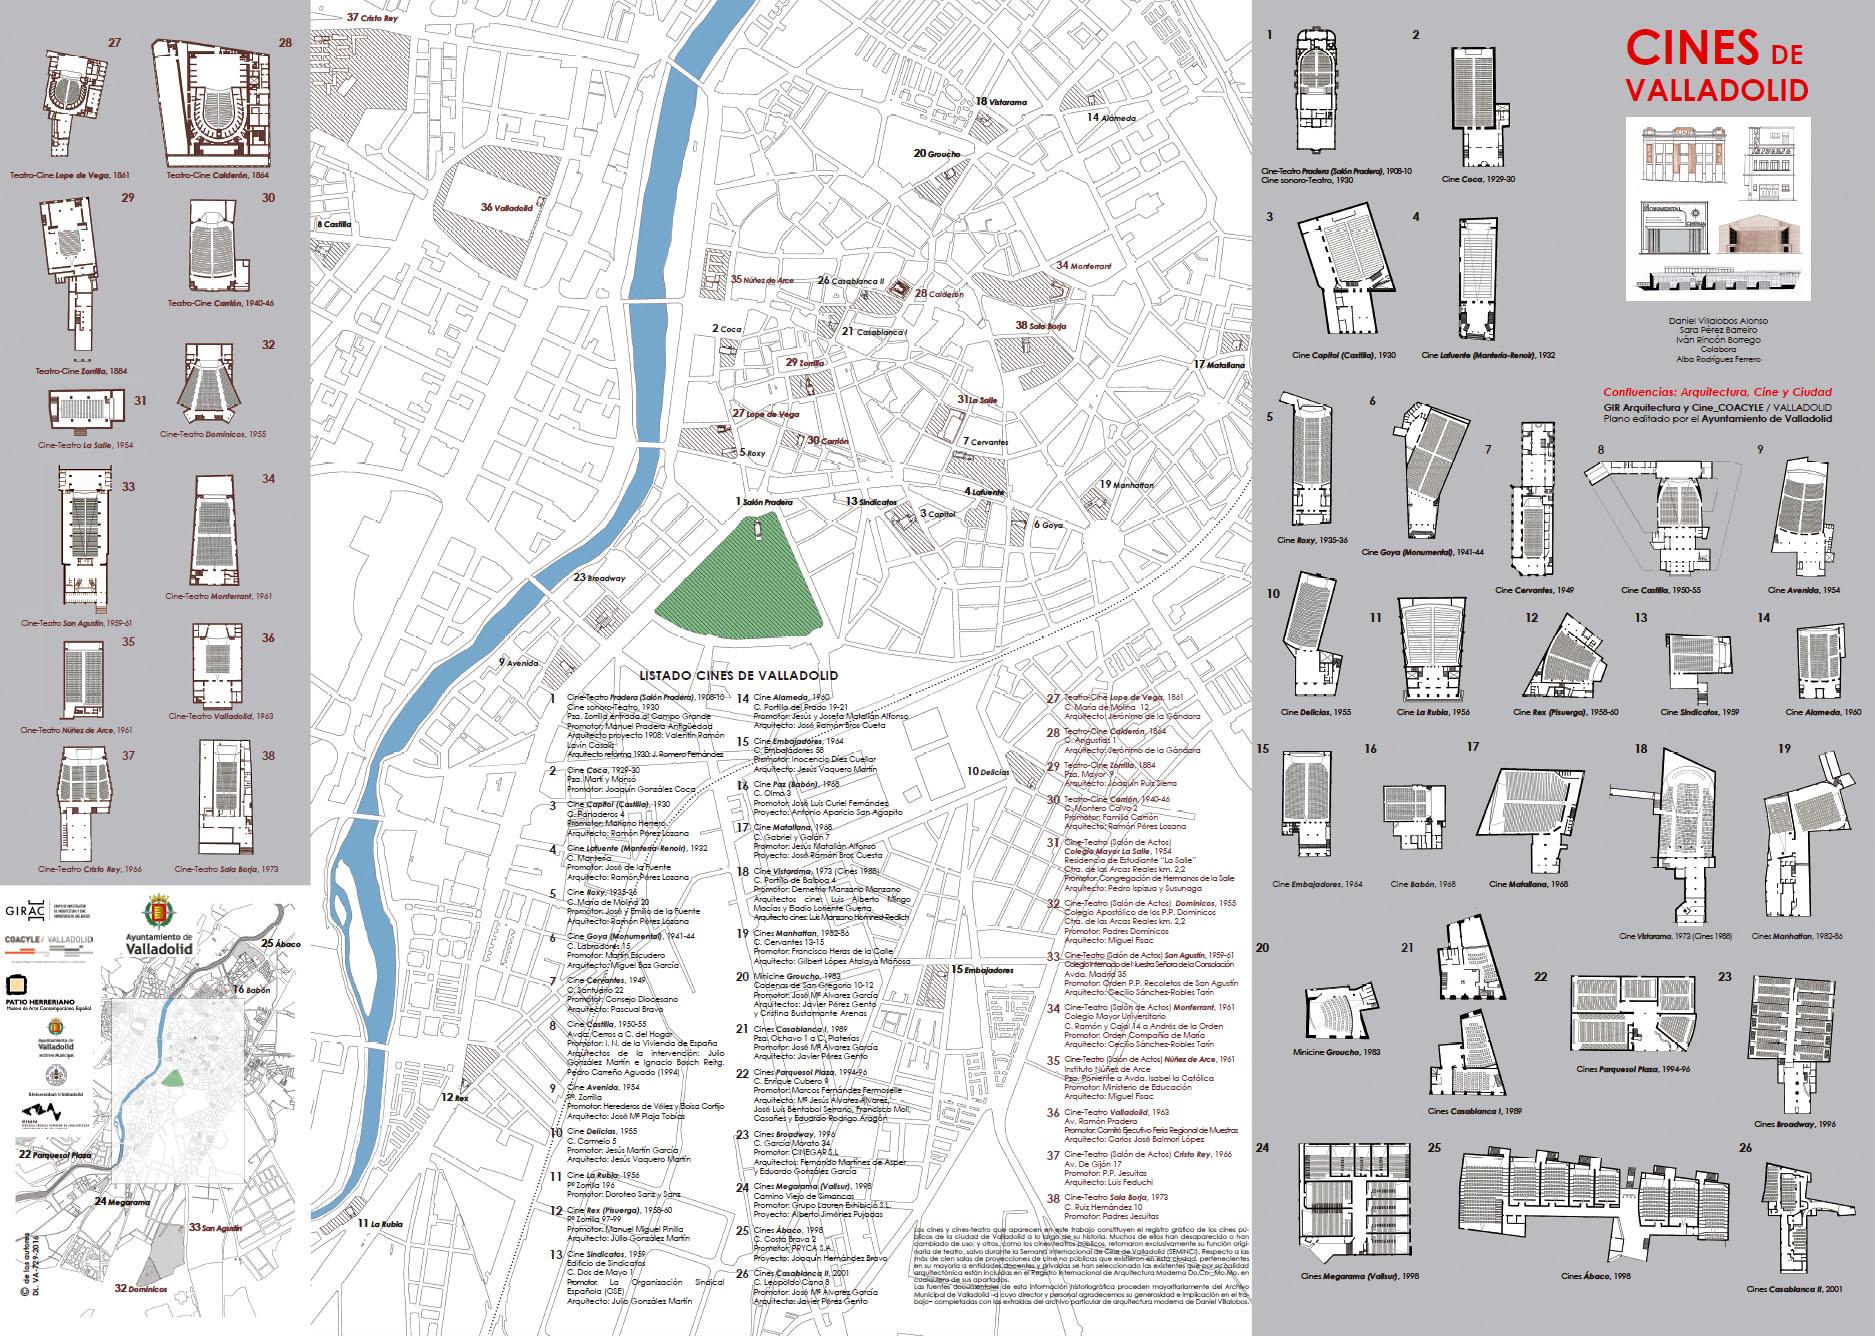 danielvillalobos-valladolid-blueprints-cine-2